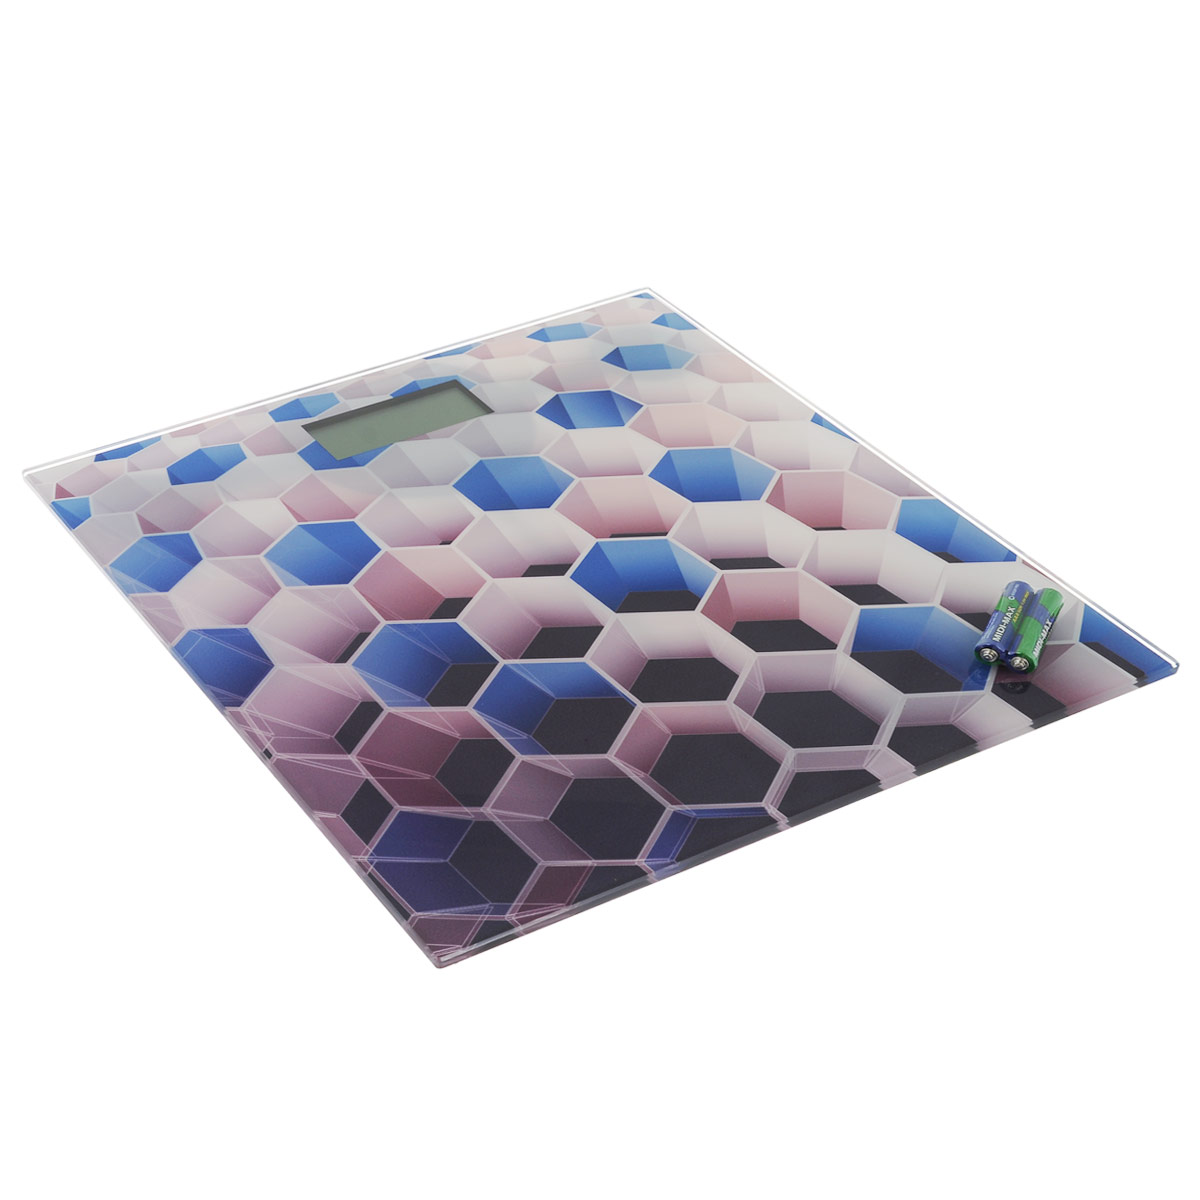 Весы напольные Bradex Соты, до 180 кг какой фирмы напольные весы лучше купить